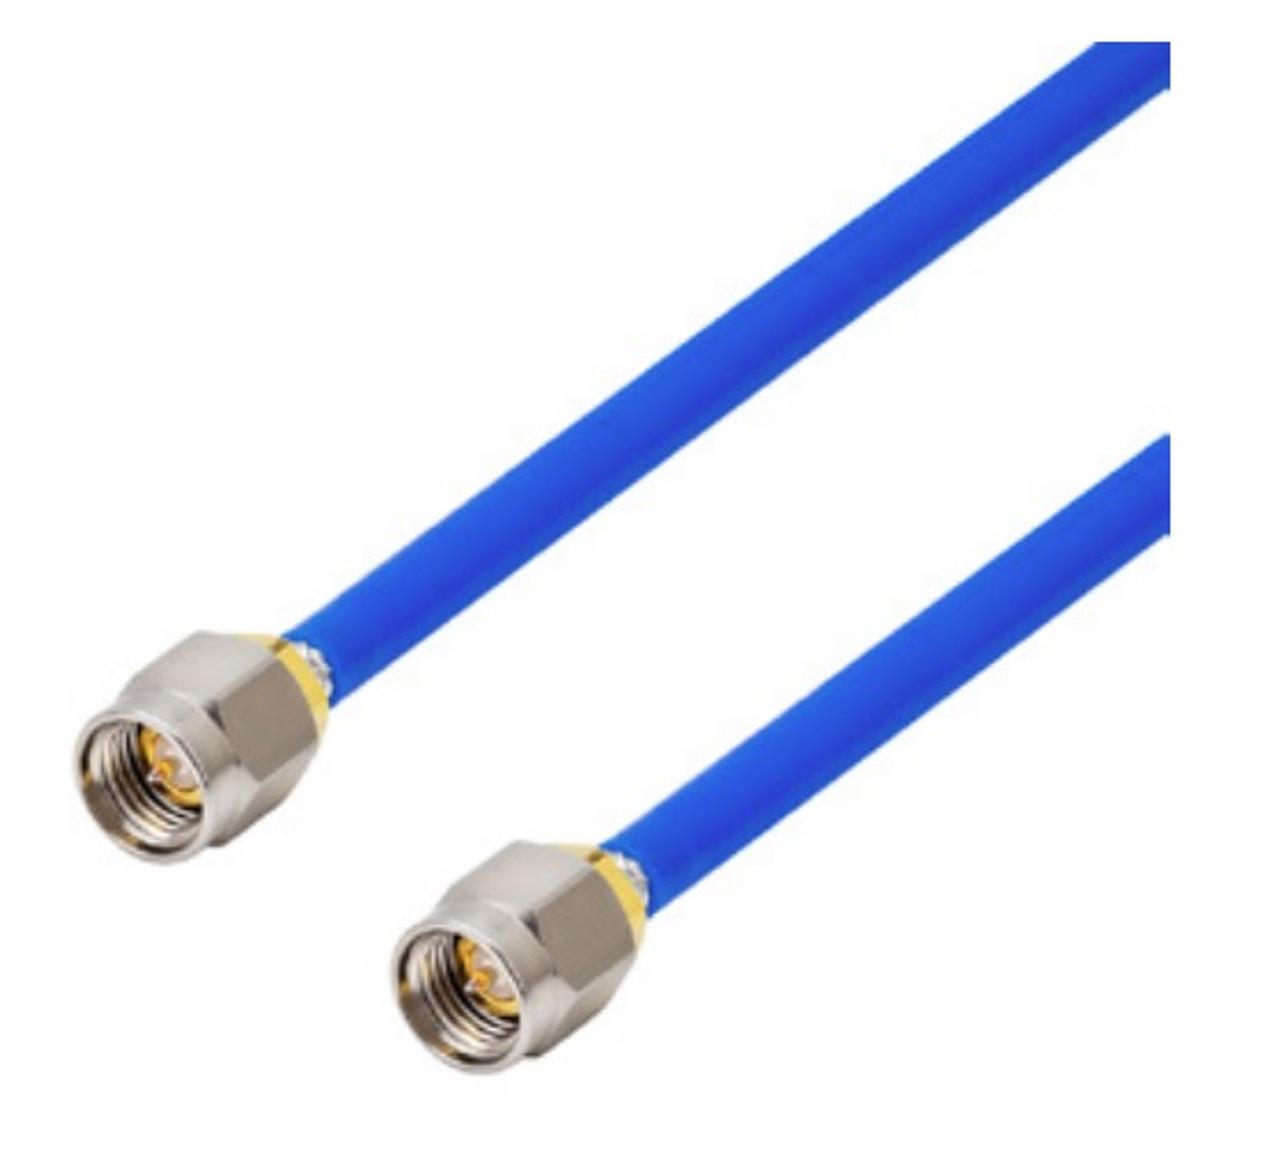 26-Inch - 141 Semiflex interconnect Coaxial Cable - SMA-Male to SMA-Male